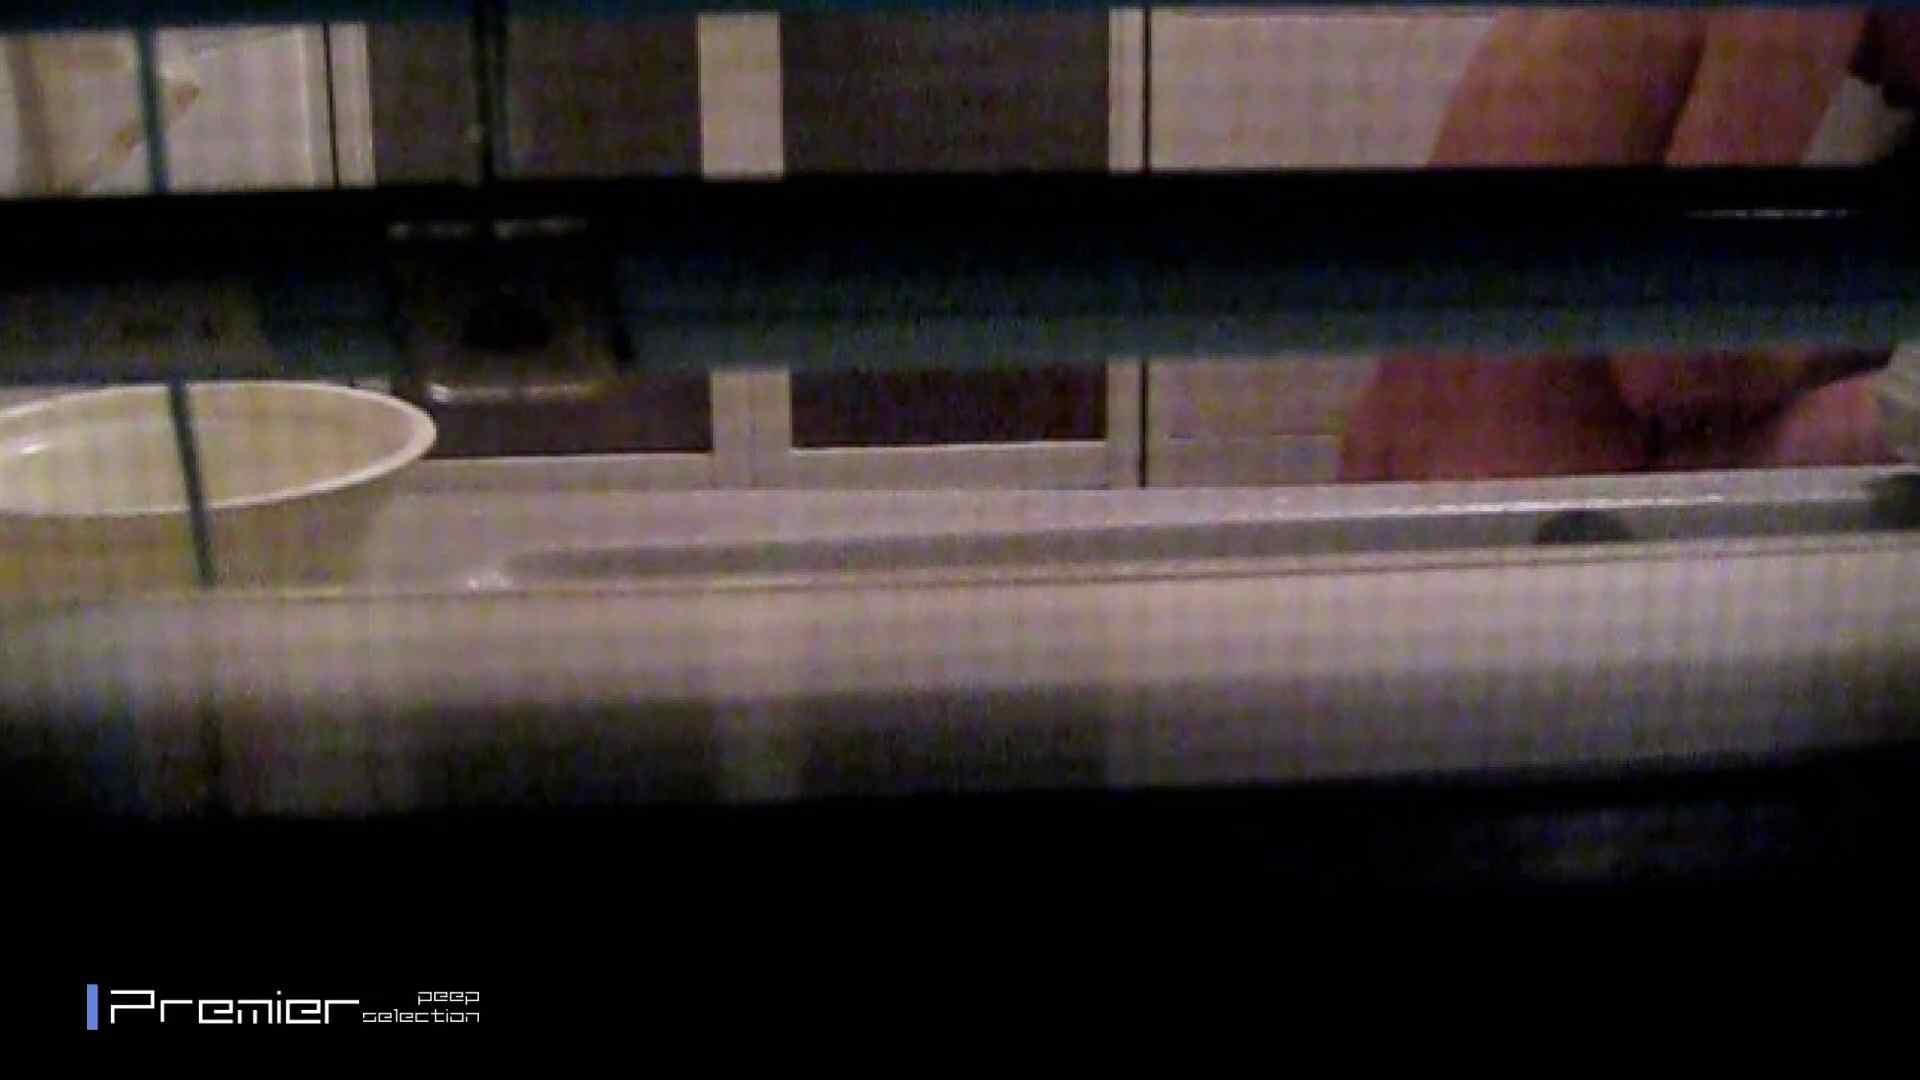 バレた…入浴盗撮 乙女の風呂場 Vol.15 乙女だって。。。 AV動画キャプチャ 92画像 70